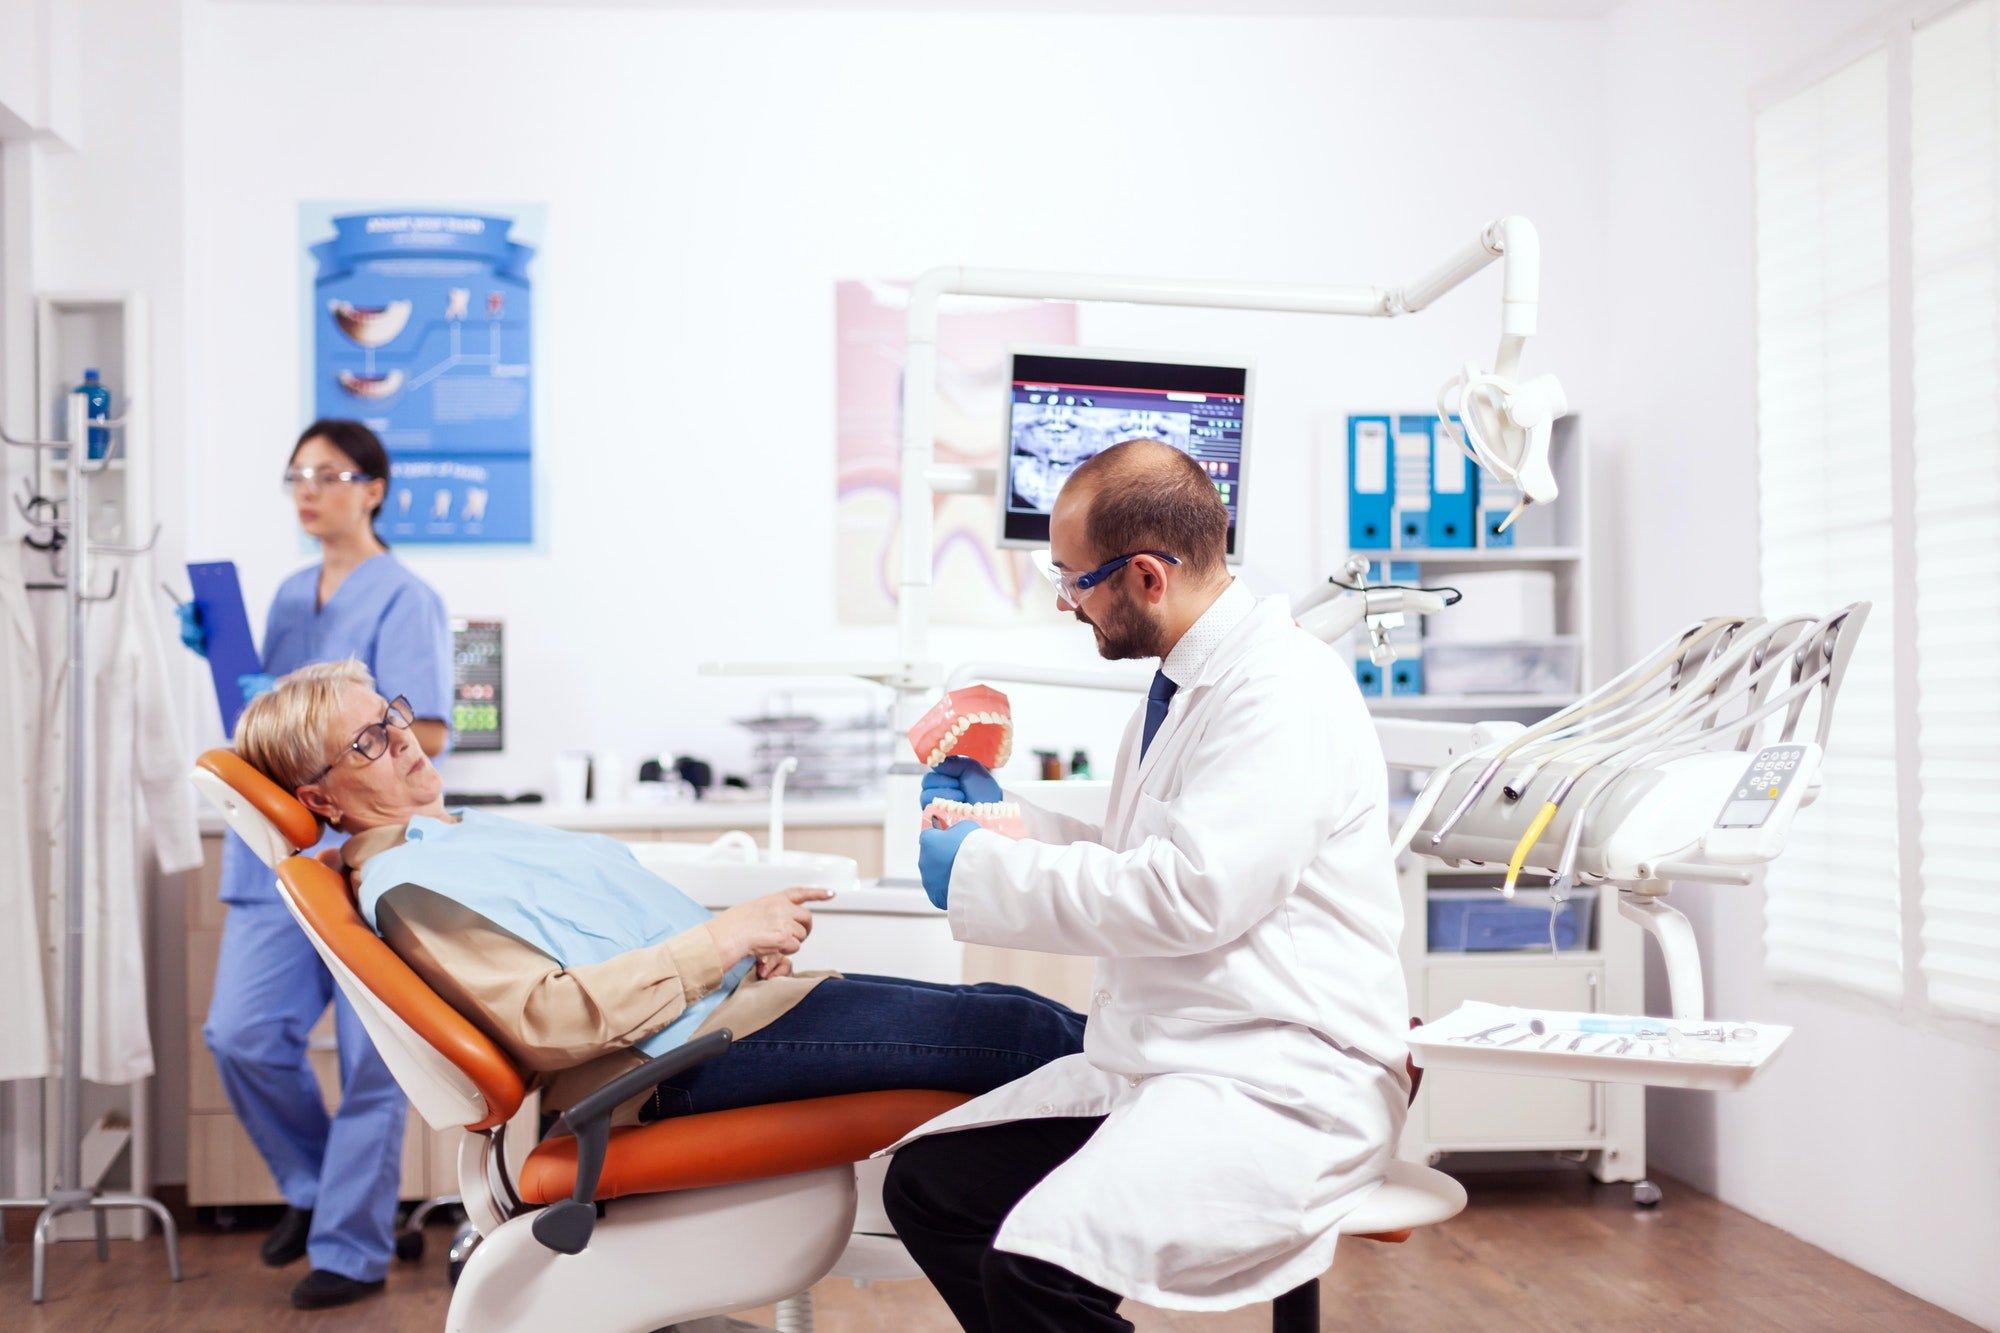 Signora si prepara insieme al dentista per un'intervento di rialzo del seno mascellare